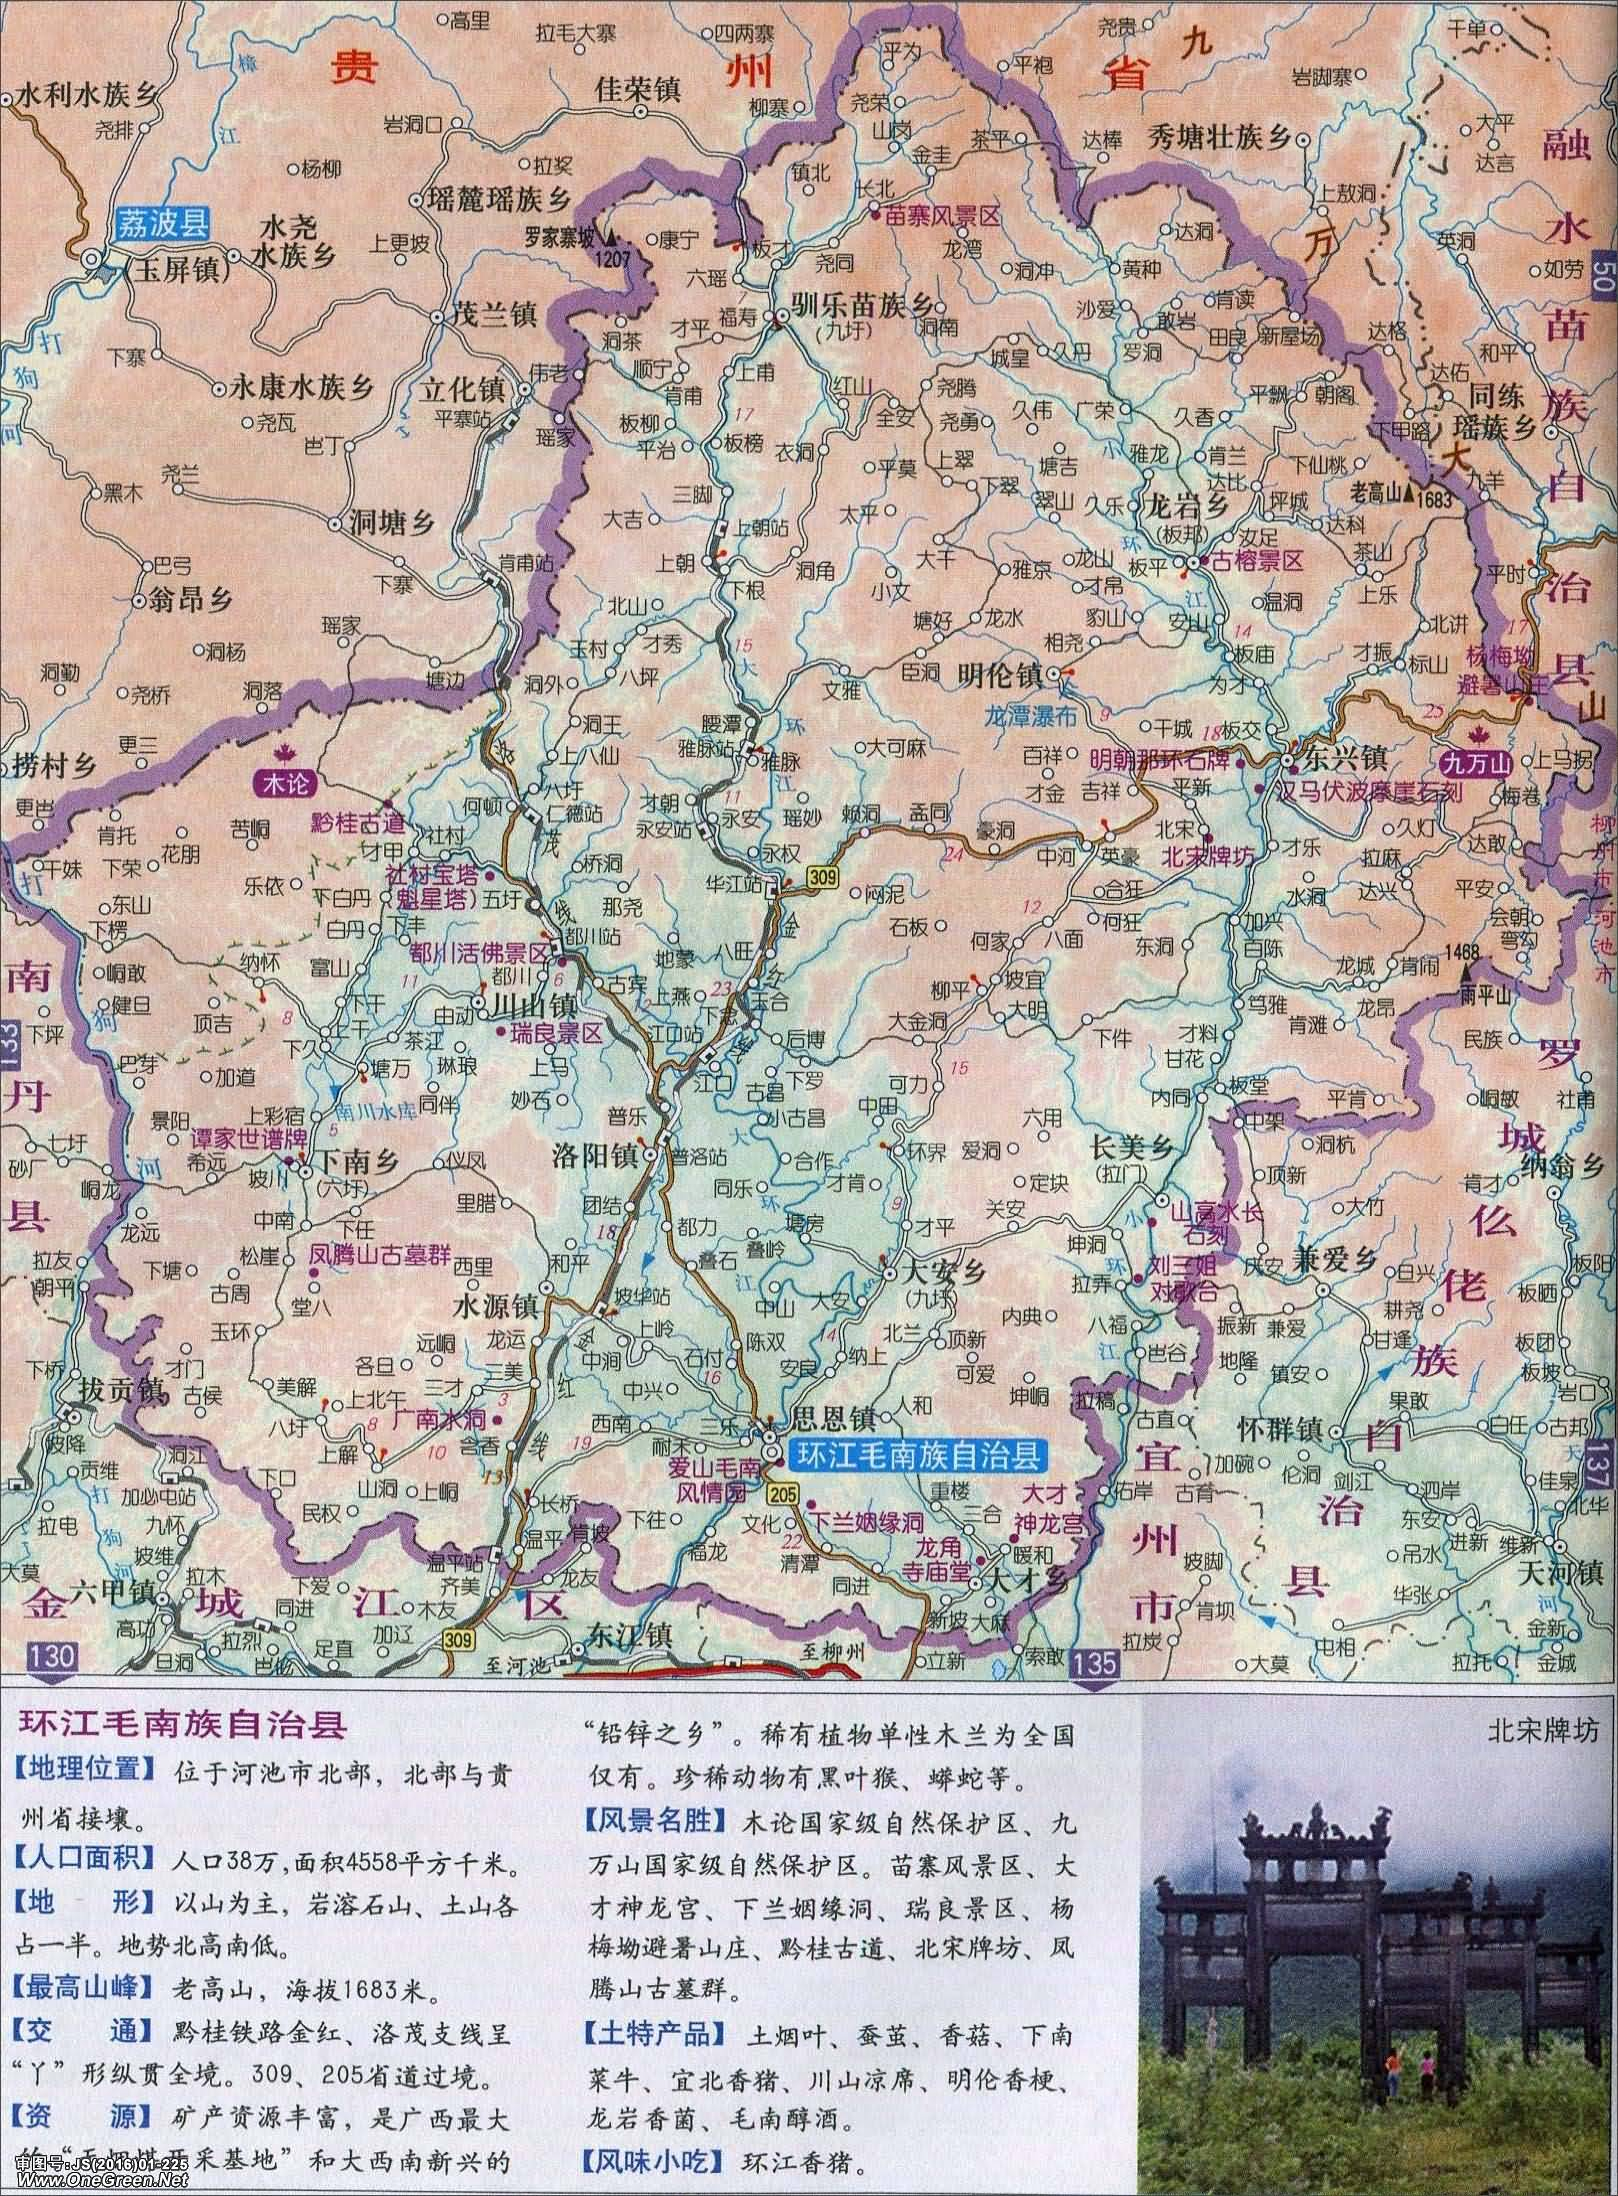 来宾市_环江毛南族自治县地图_河池地图库_地图窝